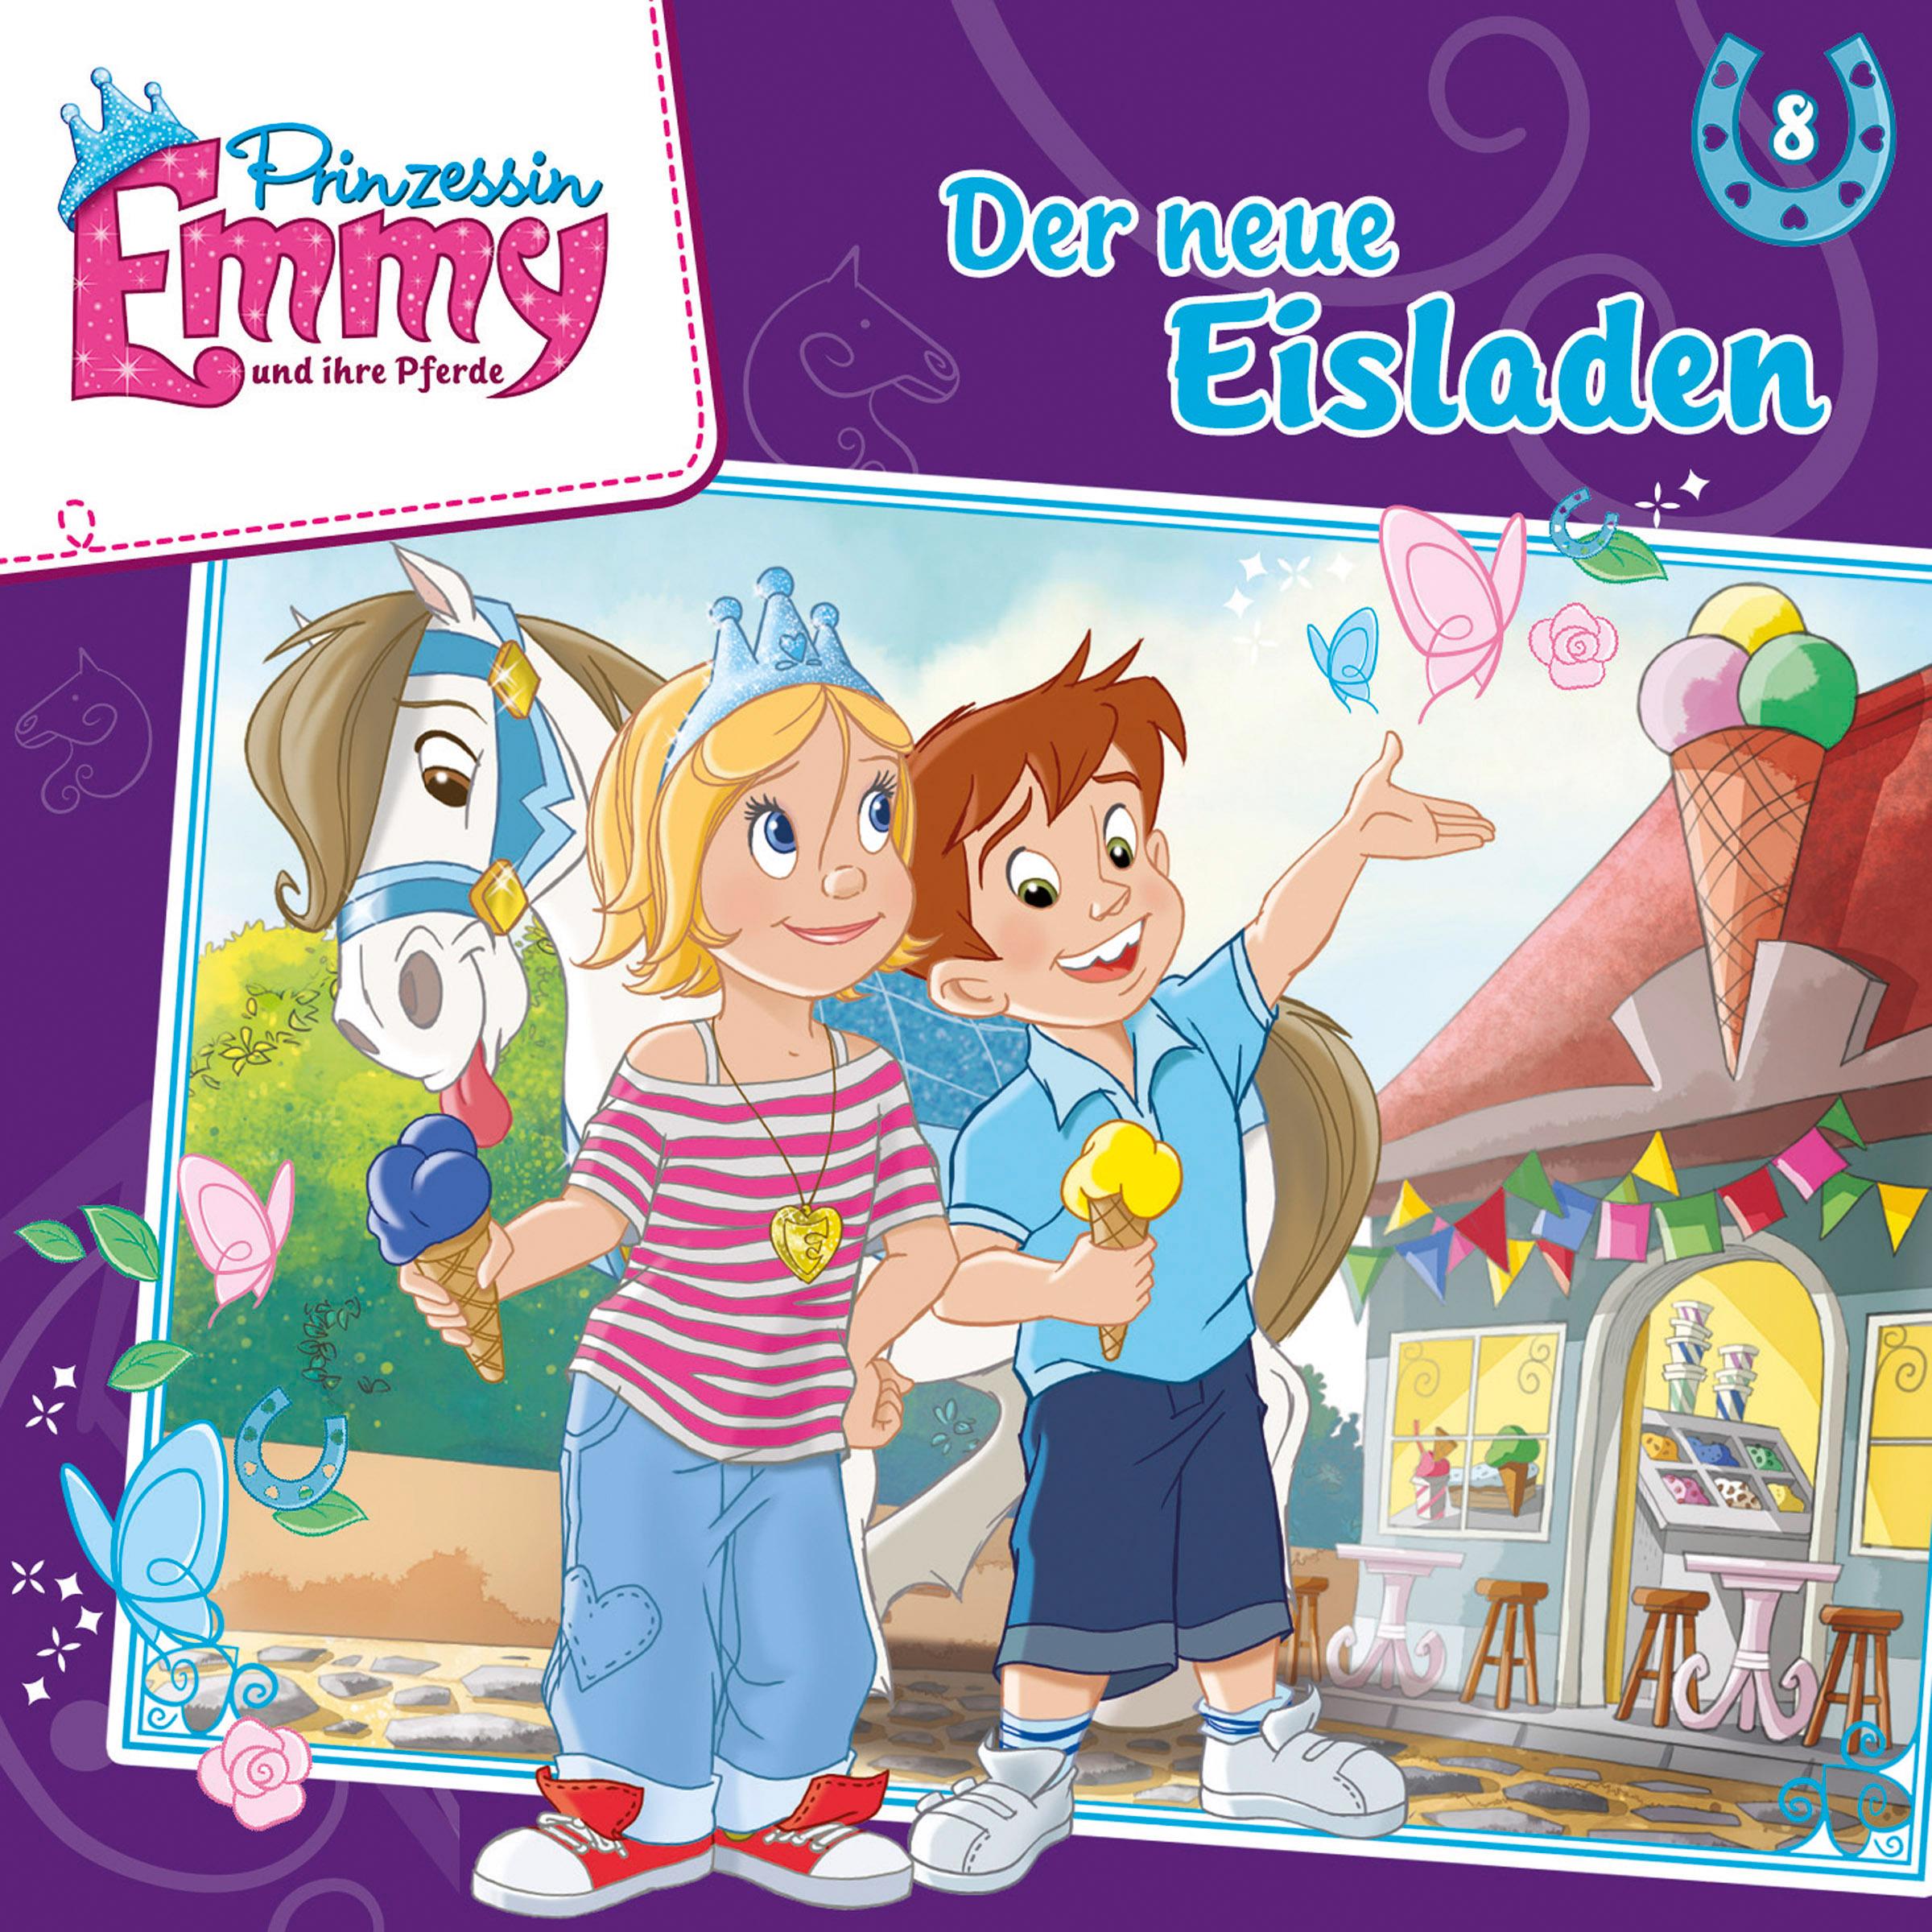 Prinzessin Emmy und ihre Pferde: Der neue Eisladen (Folge 8)